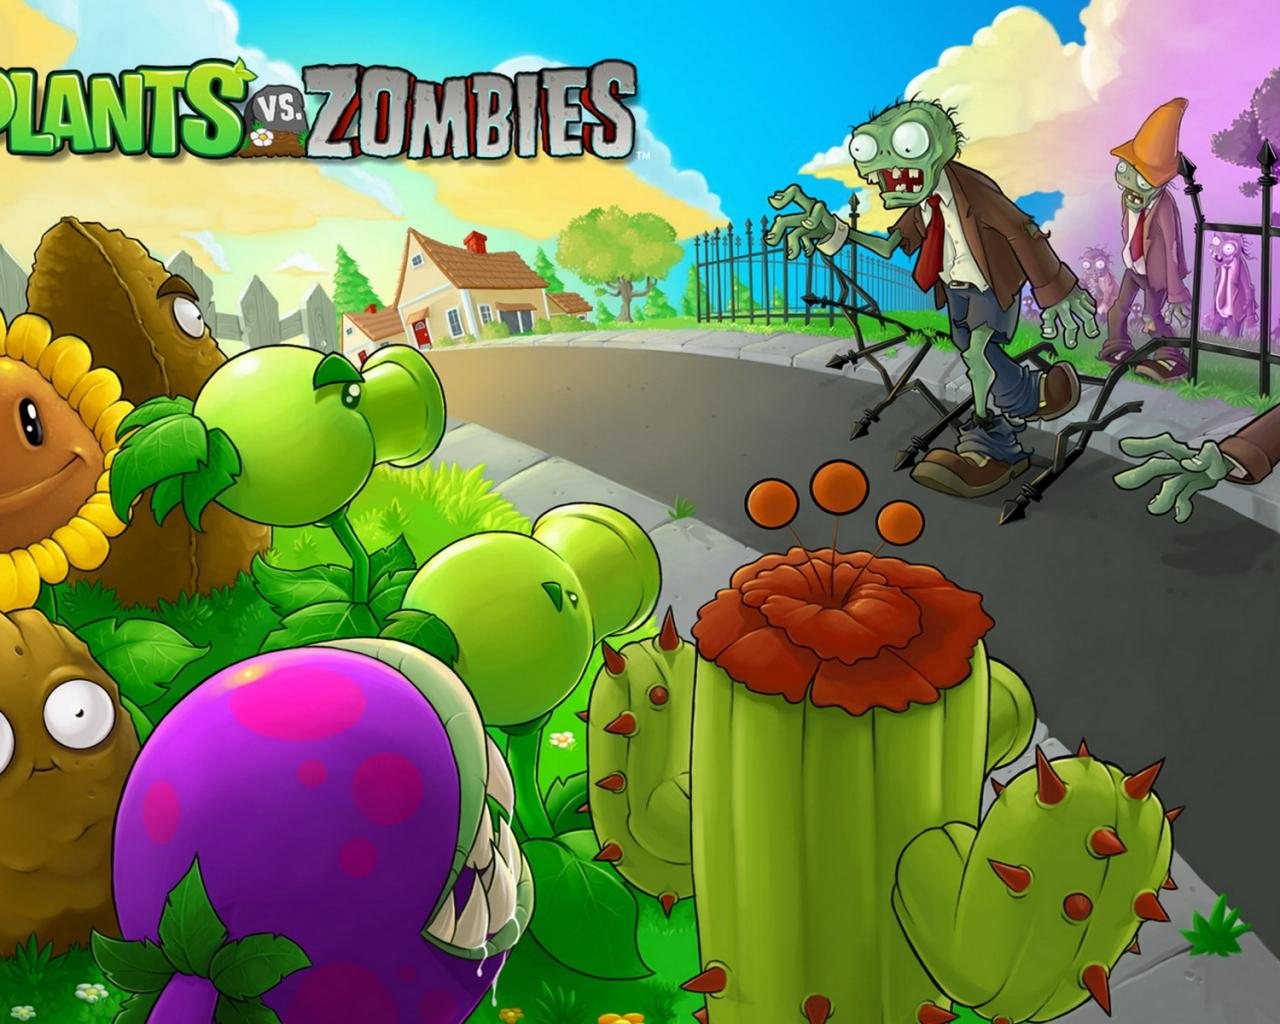 Plants vs. Zombies - 1280x1024